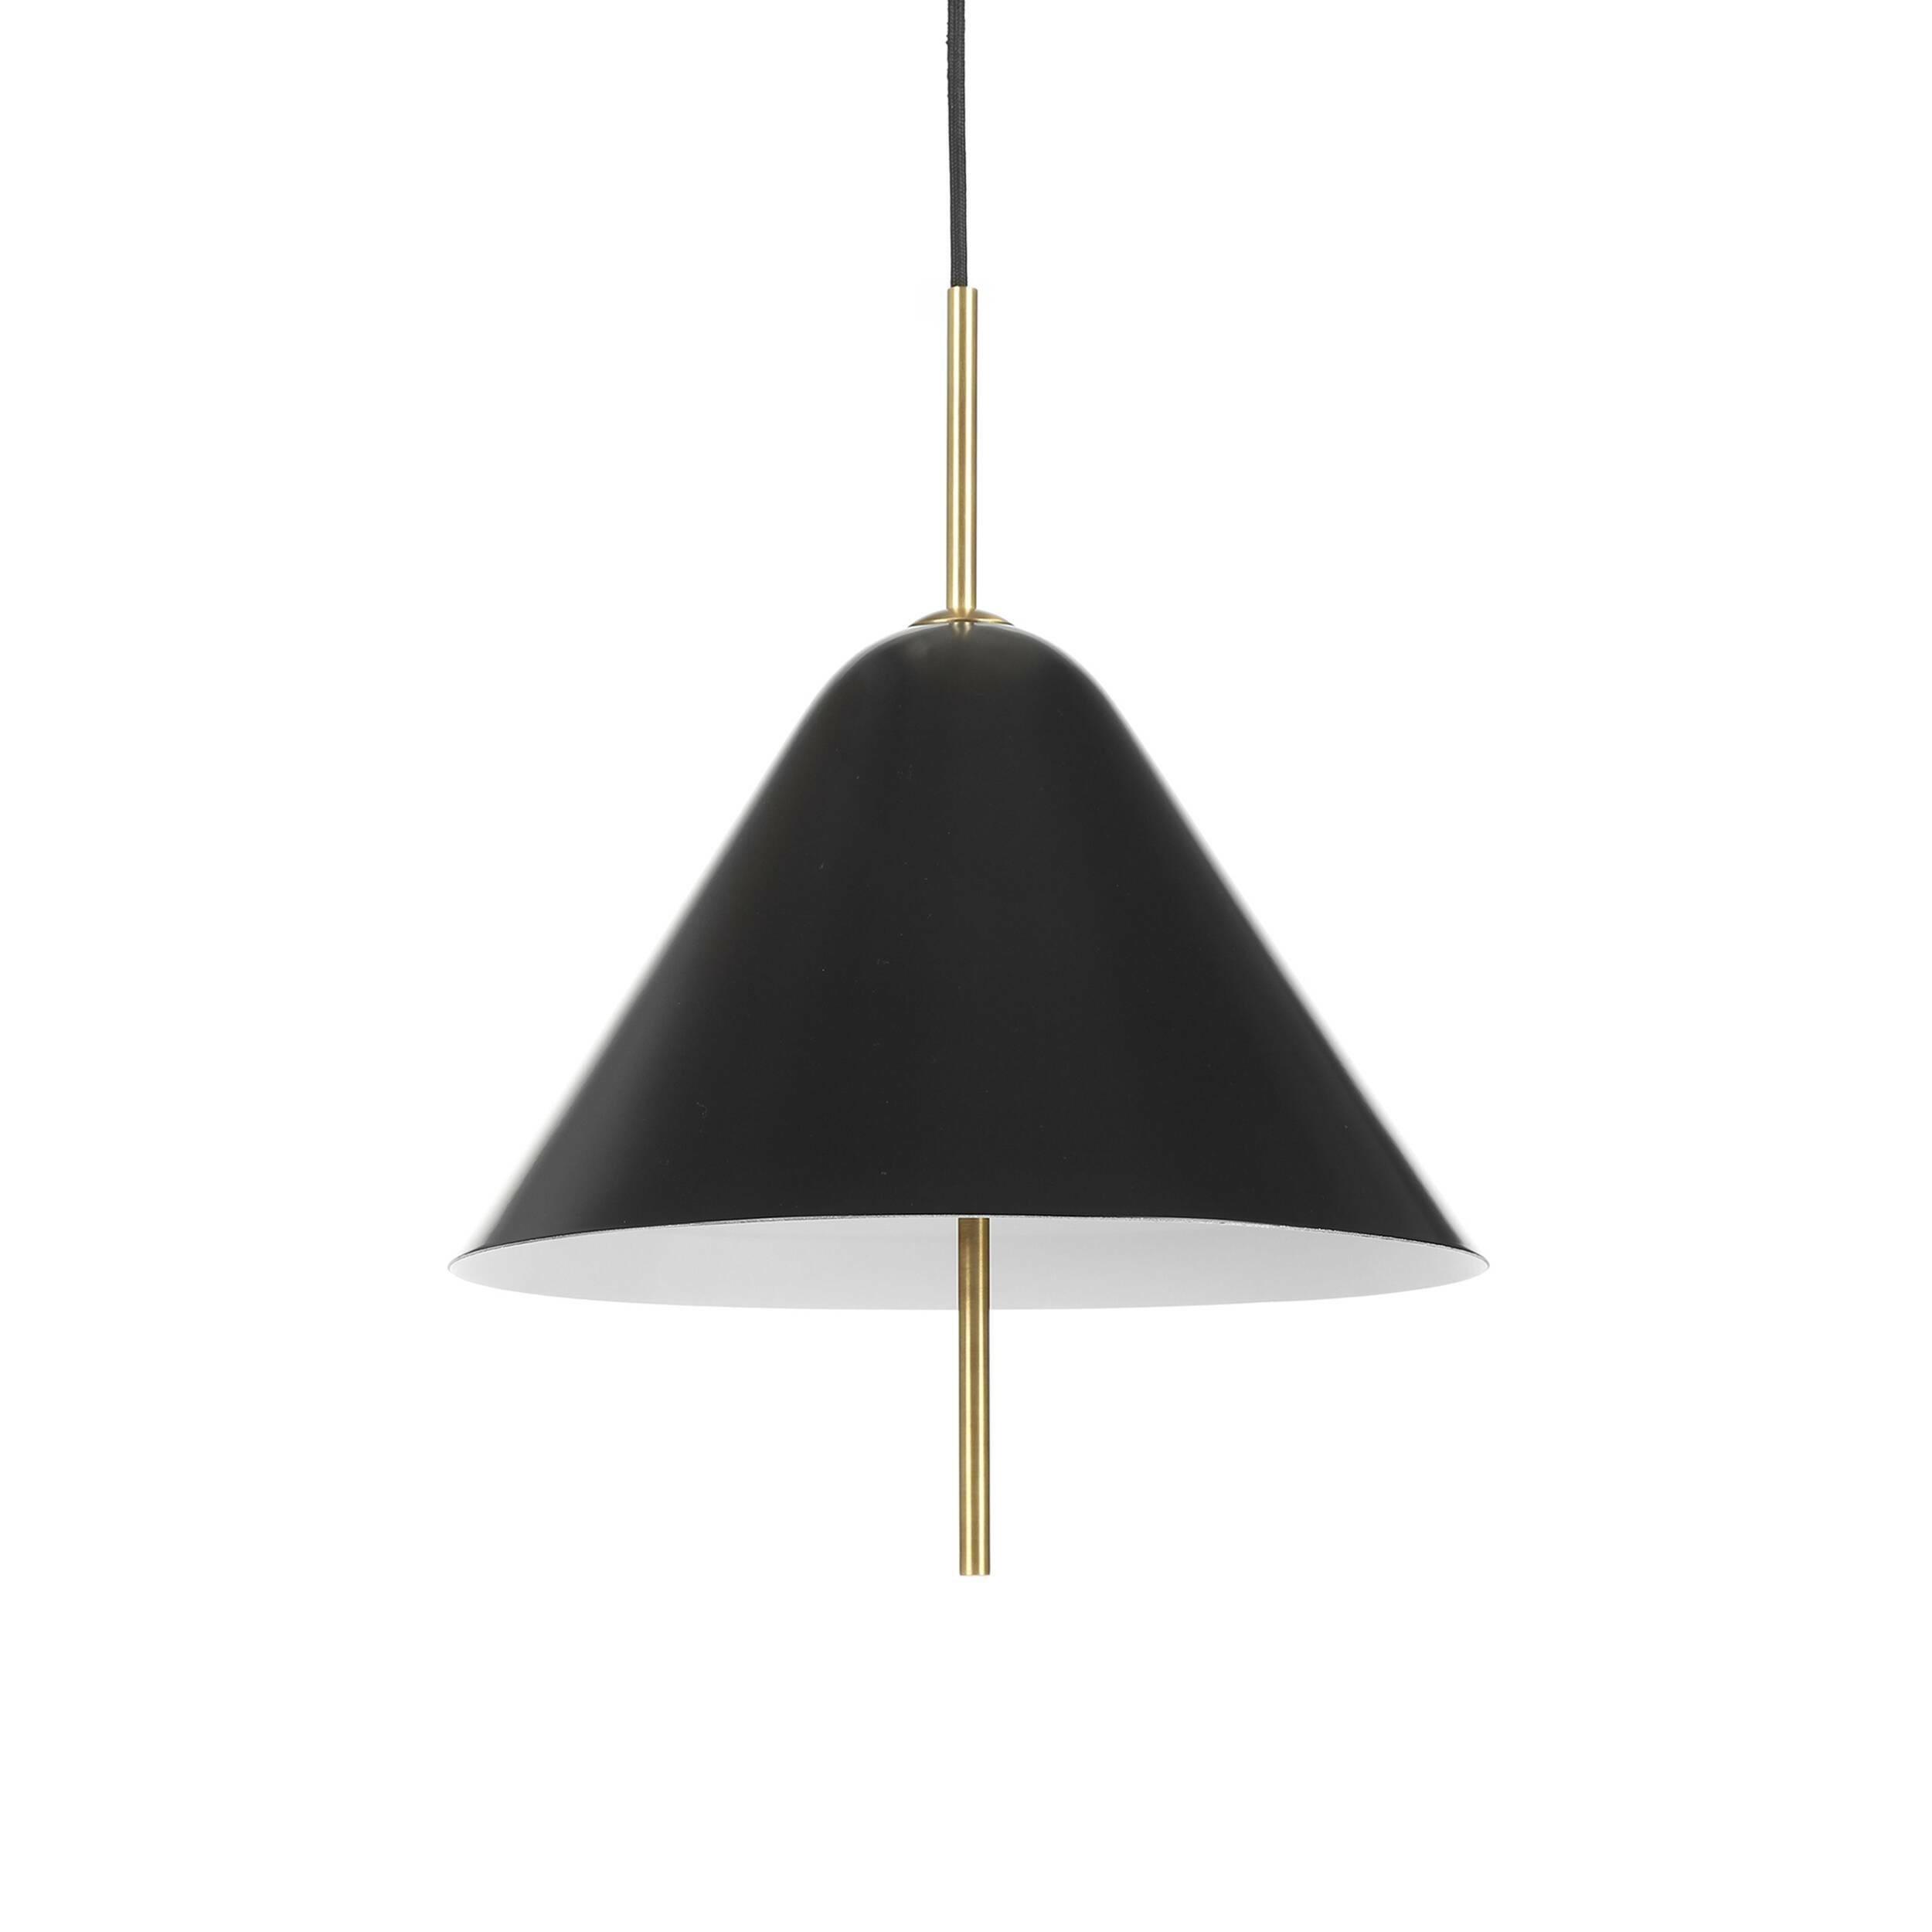 Подвесной светильник Oria диаметр 38Подвесные<br>Минималистичный дизайнерский подвесной светильник Oria диаметр 38 – это стильное лаконичное изделие, которое станет отличным дополнением для интерьера в современном стиле. Дизайн этого светильника говорит сам за себя: едва заметная форма классики гармонично переплетается с современным форматом и цветовой палитрой. Такой светильник будет уместен в любом помещении.<br><br><br> Для его создания используются самые современные материалы и технологии, что позволяет гарантировать изделию высокую степ...<br><br>stock: 9<br>Высота: 46<br>Диаметр: 38<br>Материал абажура: Алюминий<br>Материал арматуры: Металл<br>Мощность лампы: 40<br>Тип лампы/цоколь: E14<br>Цвет абажура: Черный